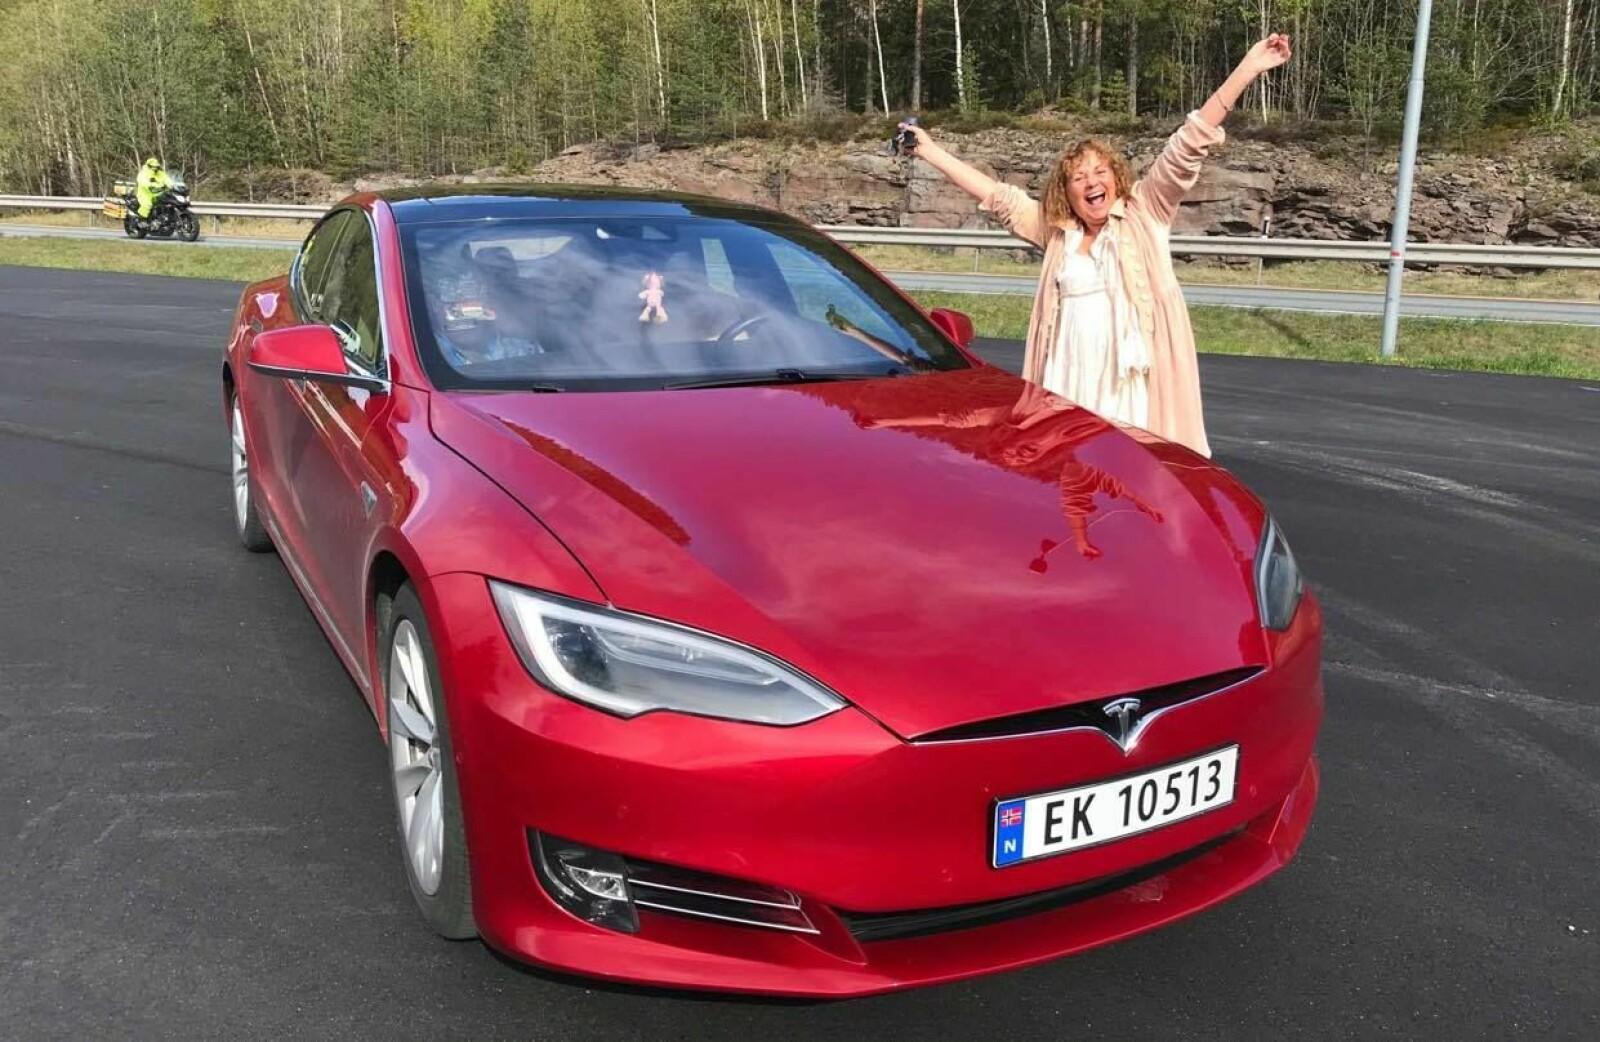 <b>HYGGELIGE SVAR:</b> I Facebook-gruppen Tesladamene blir alle spørsmål besvart på en god og hyggelig måte, lover Vigdis Margrethe Løver.